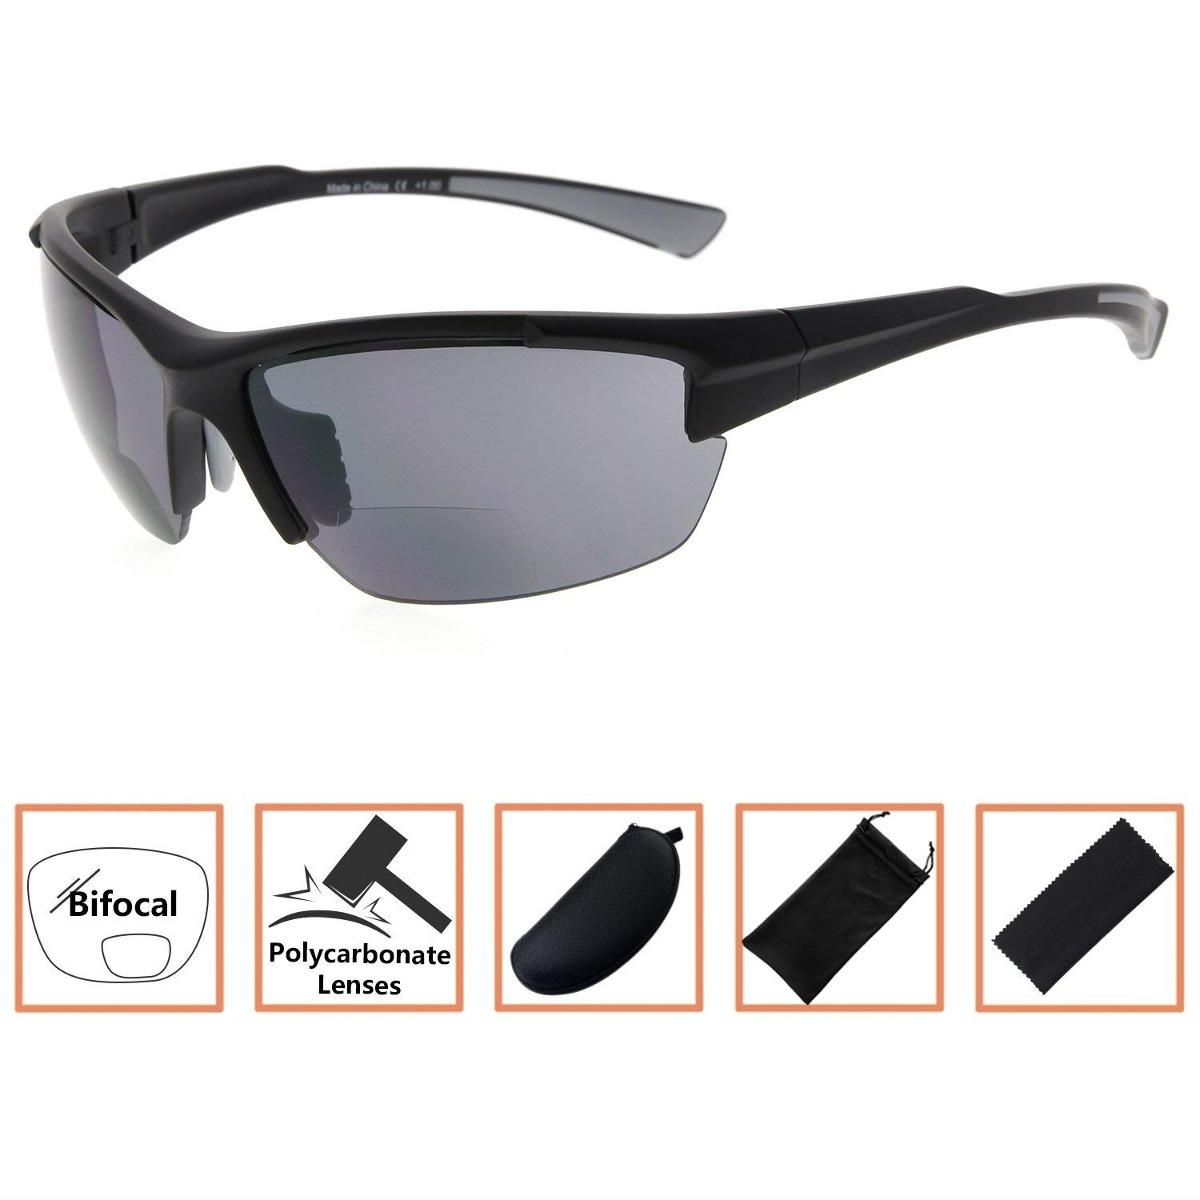 703bfbca49 Tr90 Deportes Half-sin Montura Gafas De Sol Bifocales - $ 1,415.00 ...